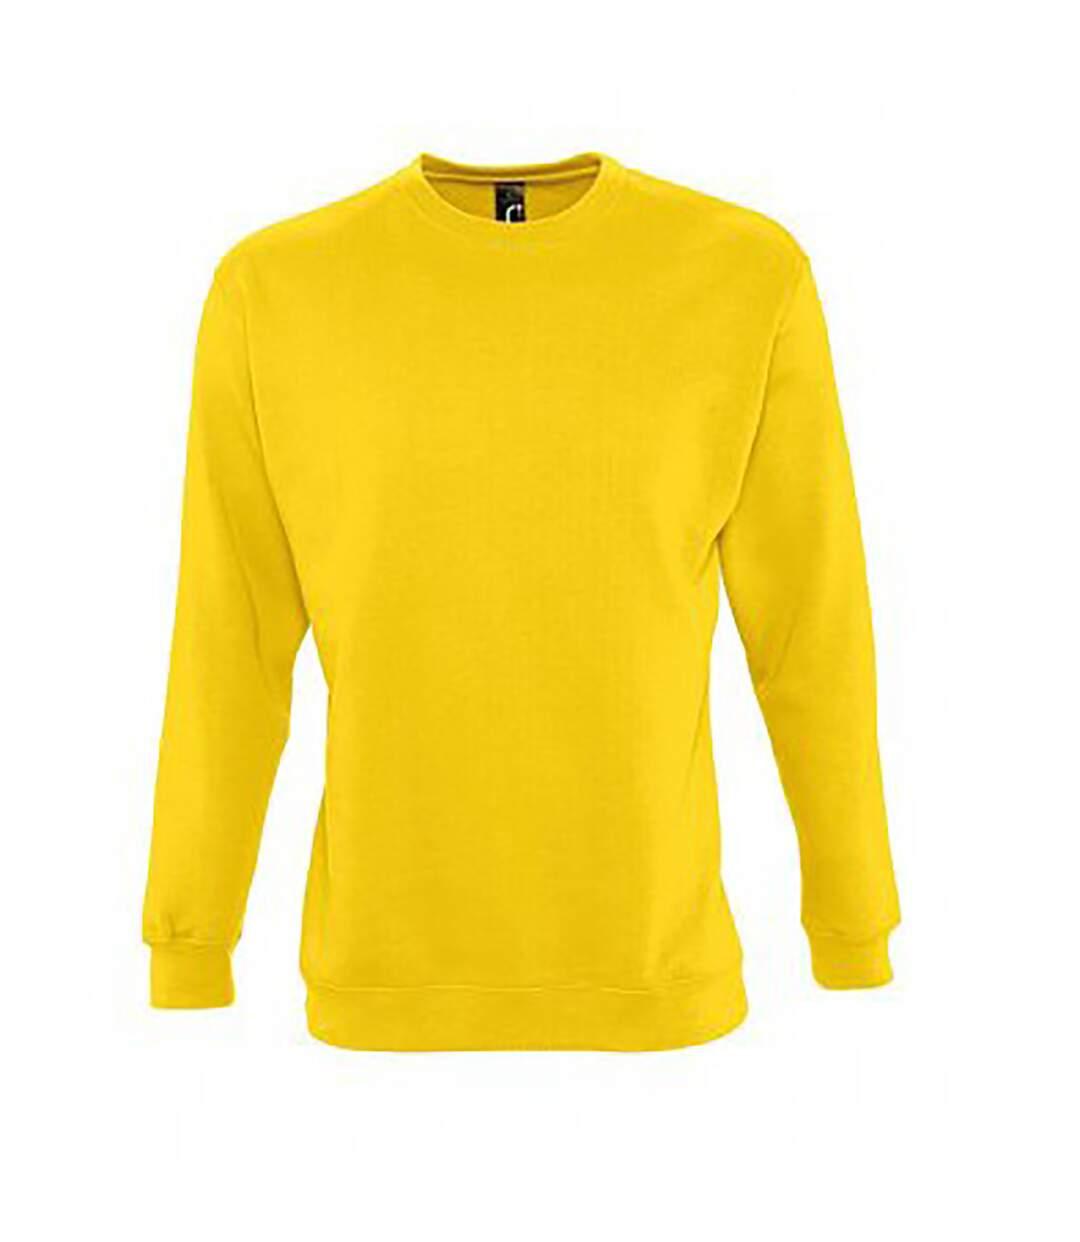 SOLS Unisex Supreme Sweatshirt (Gold) - UTPC2837